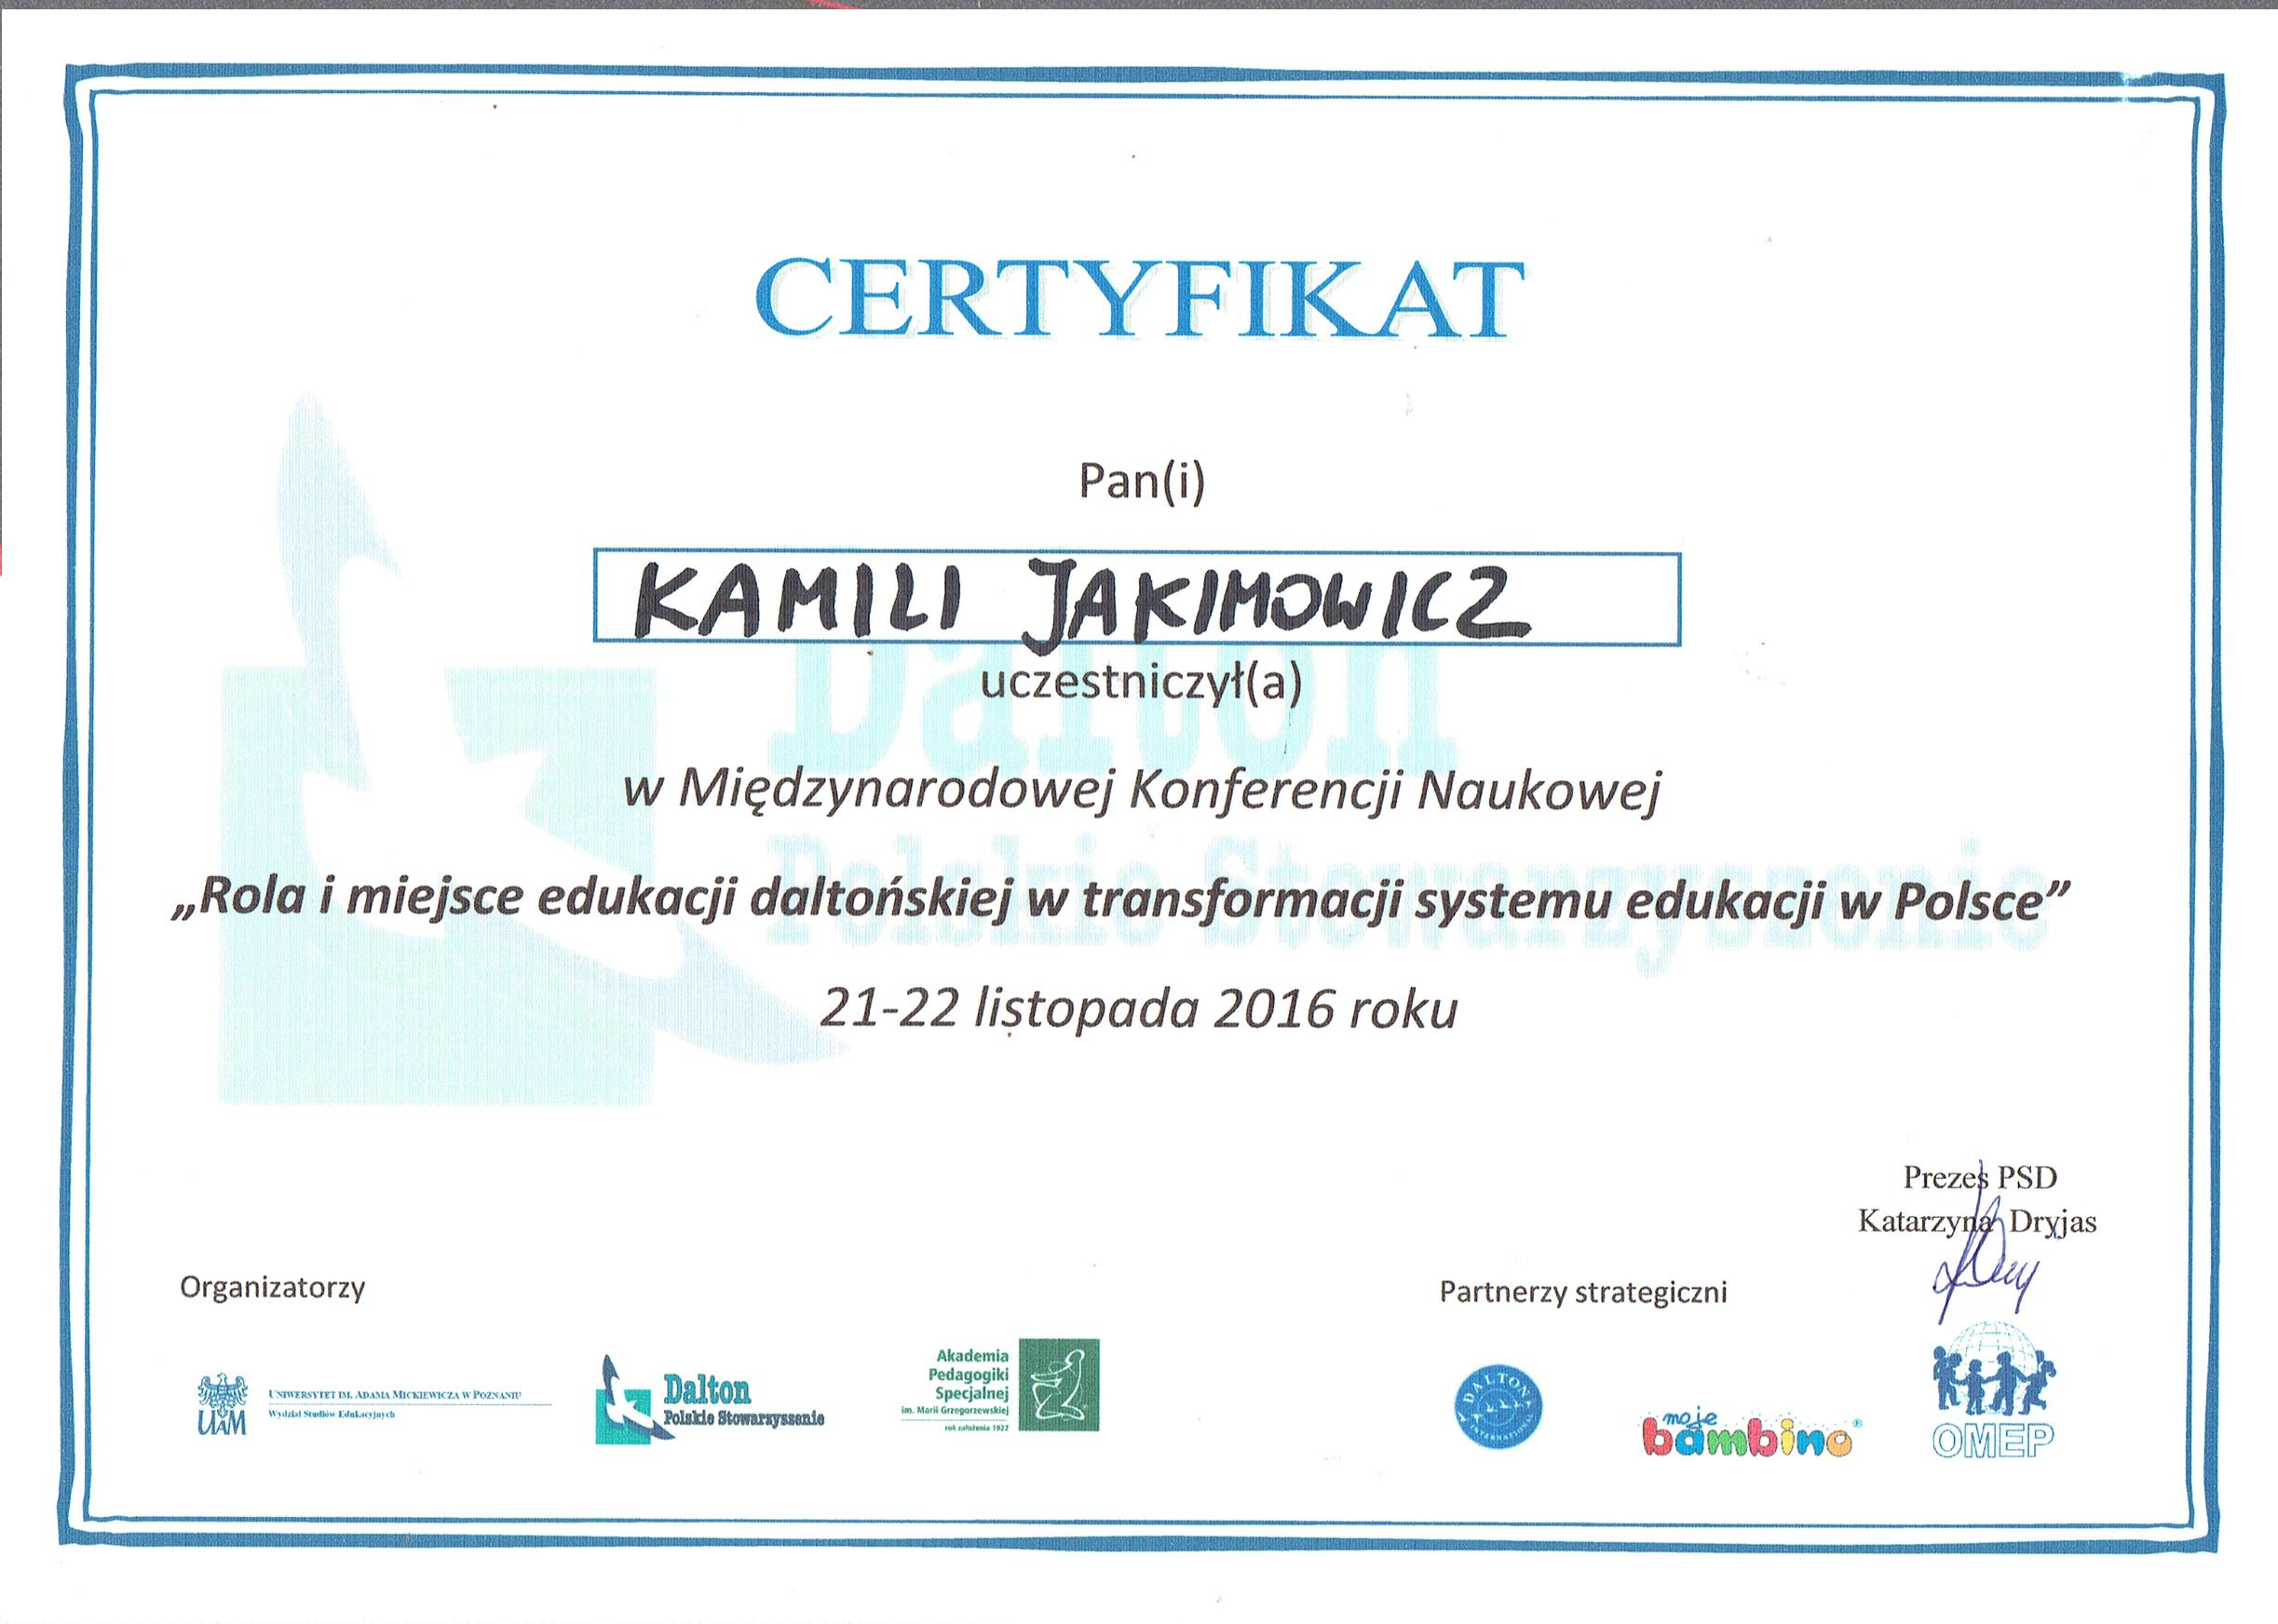 konferencja-rola-edukacji-daltonskiej-w transformacji-systemu-edukacji-w-polsce